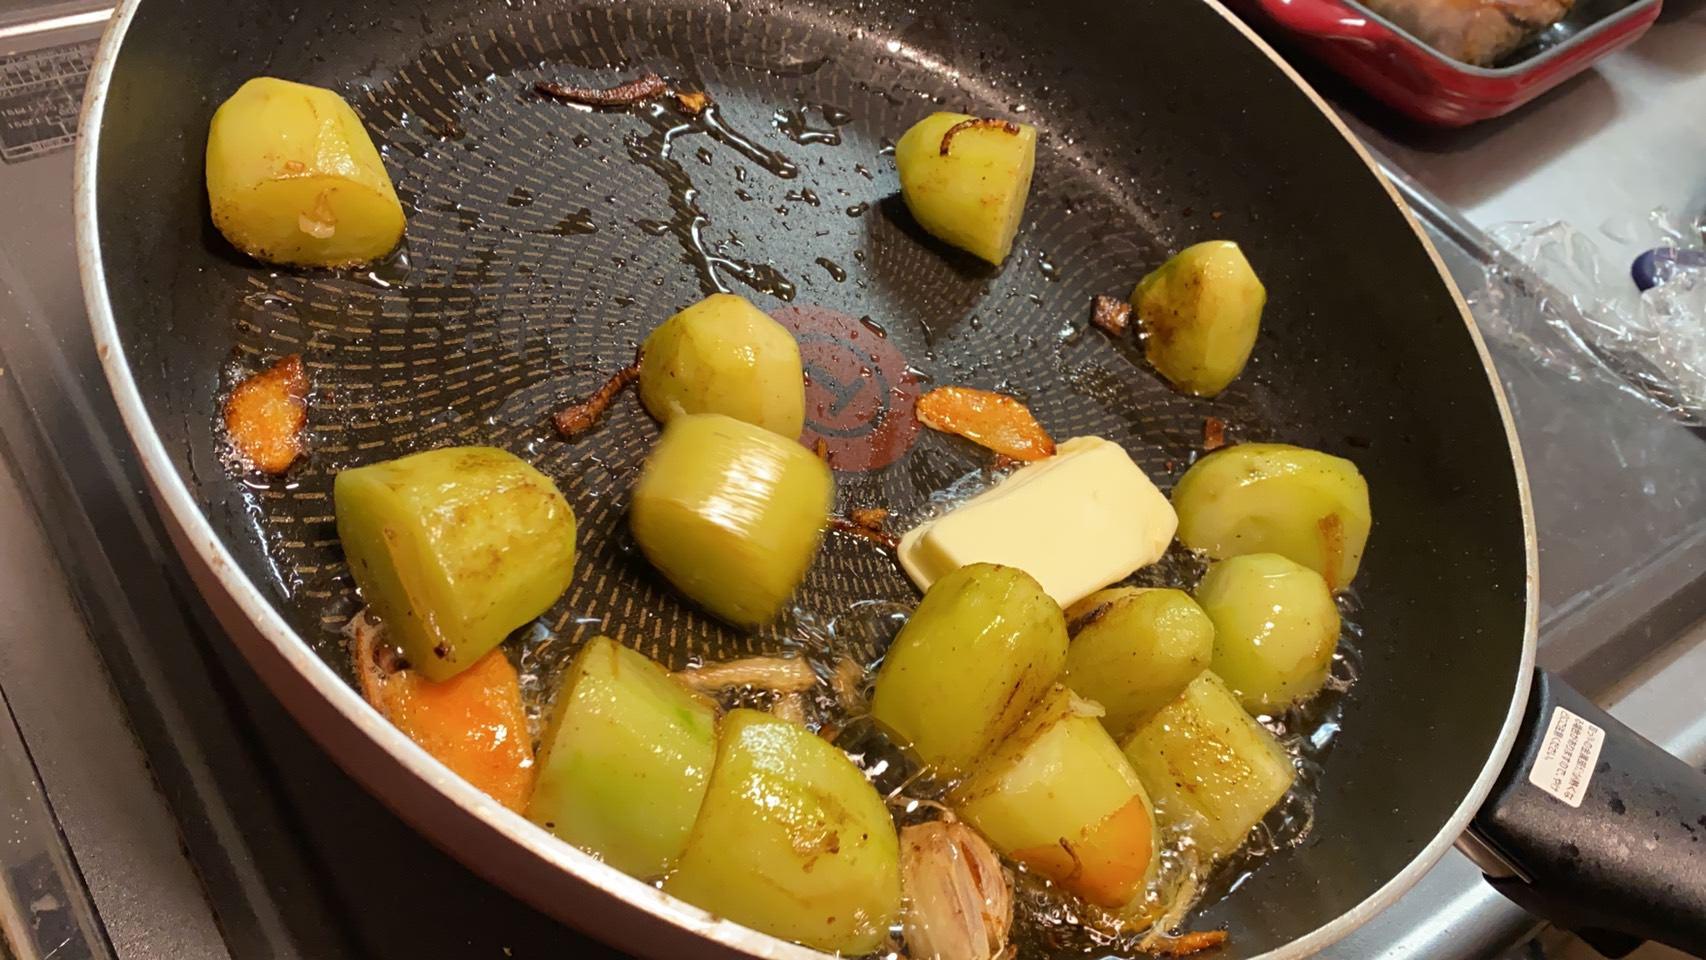 揚げ焼きにしたジャガイモにバターを入れた様子の画像です